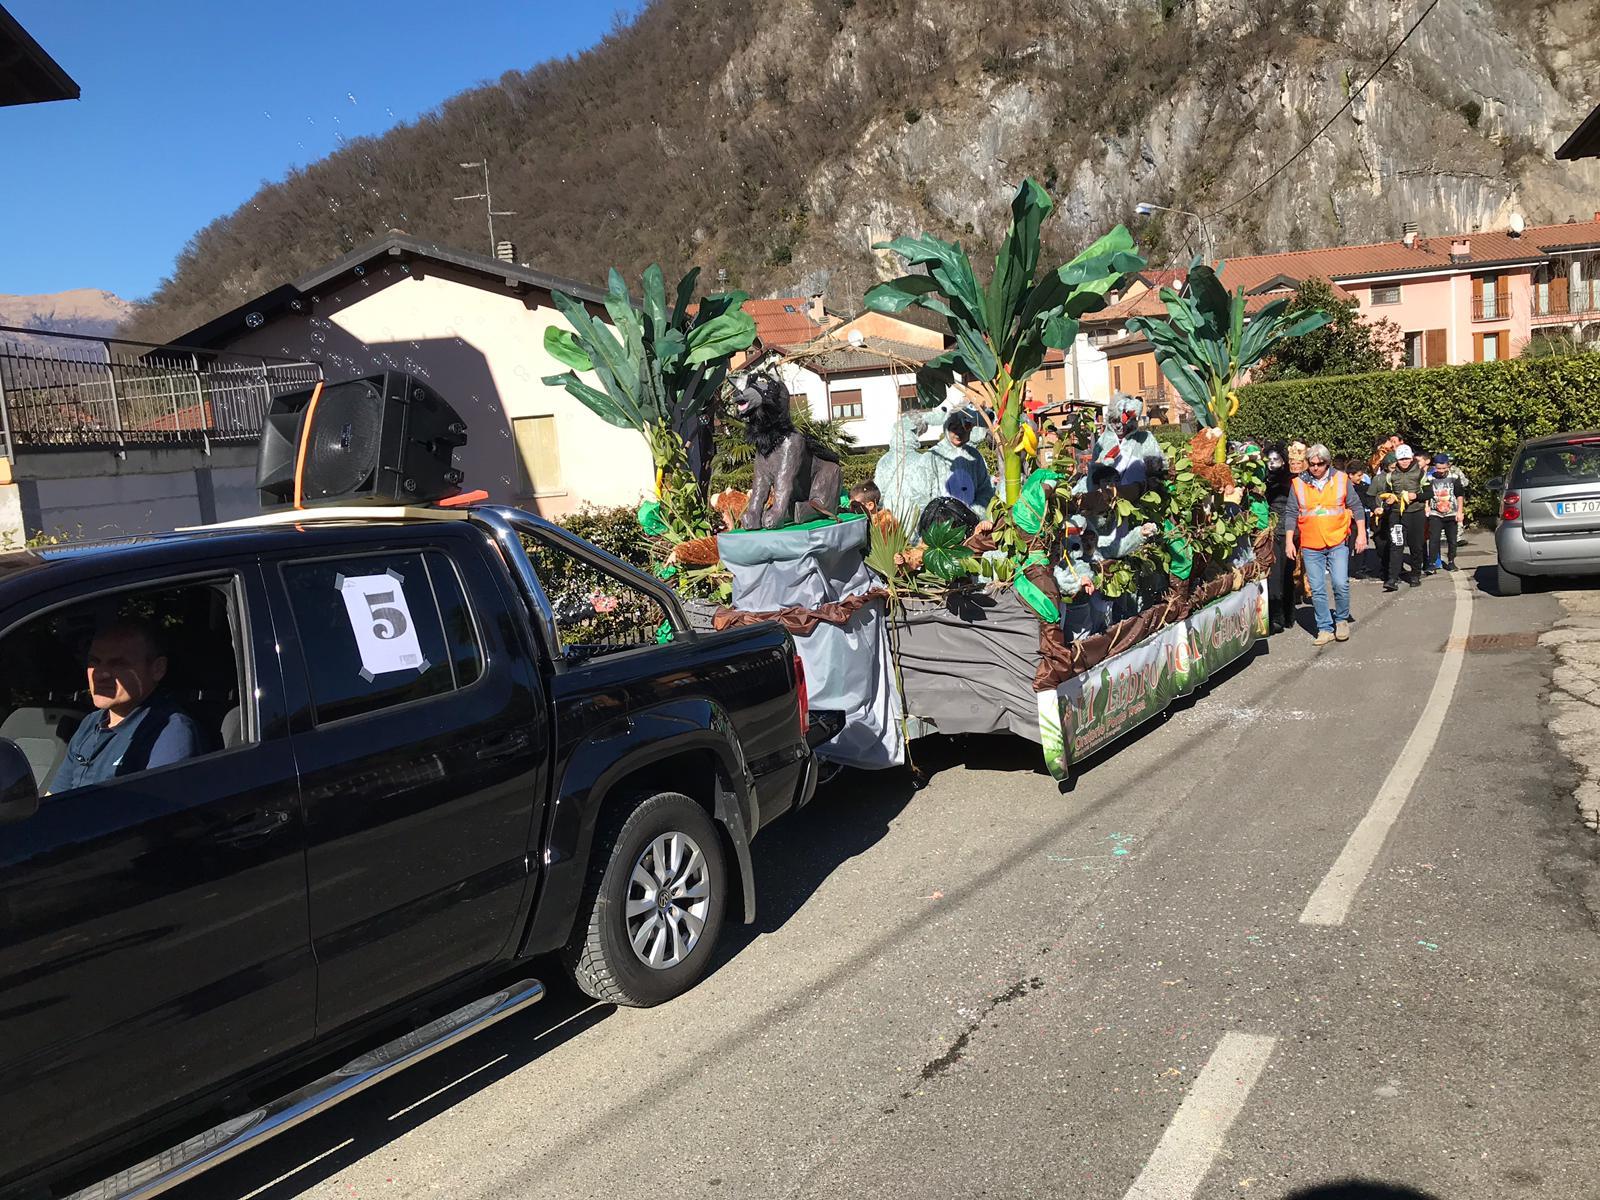 Grande successo per il Carnevale Tresiano, una marea di persone in strada a Lavena Ponte Tresa